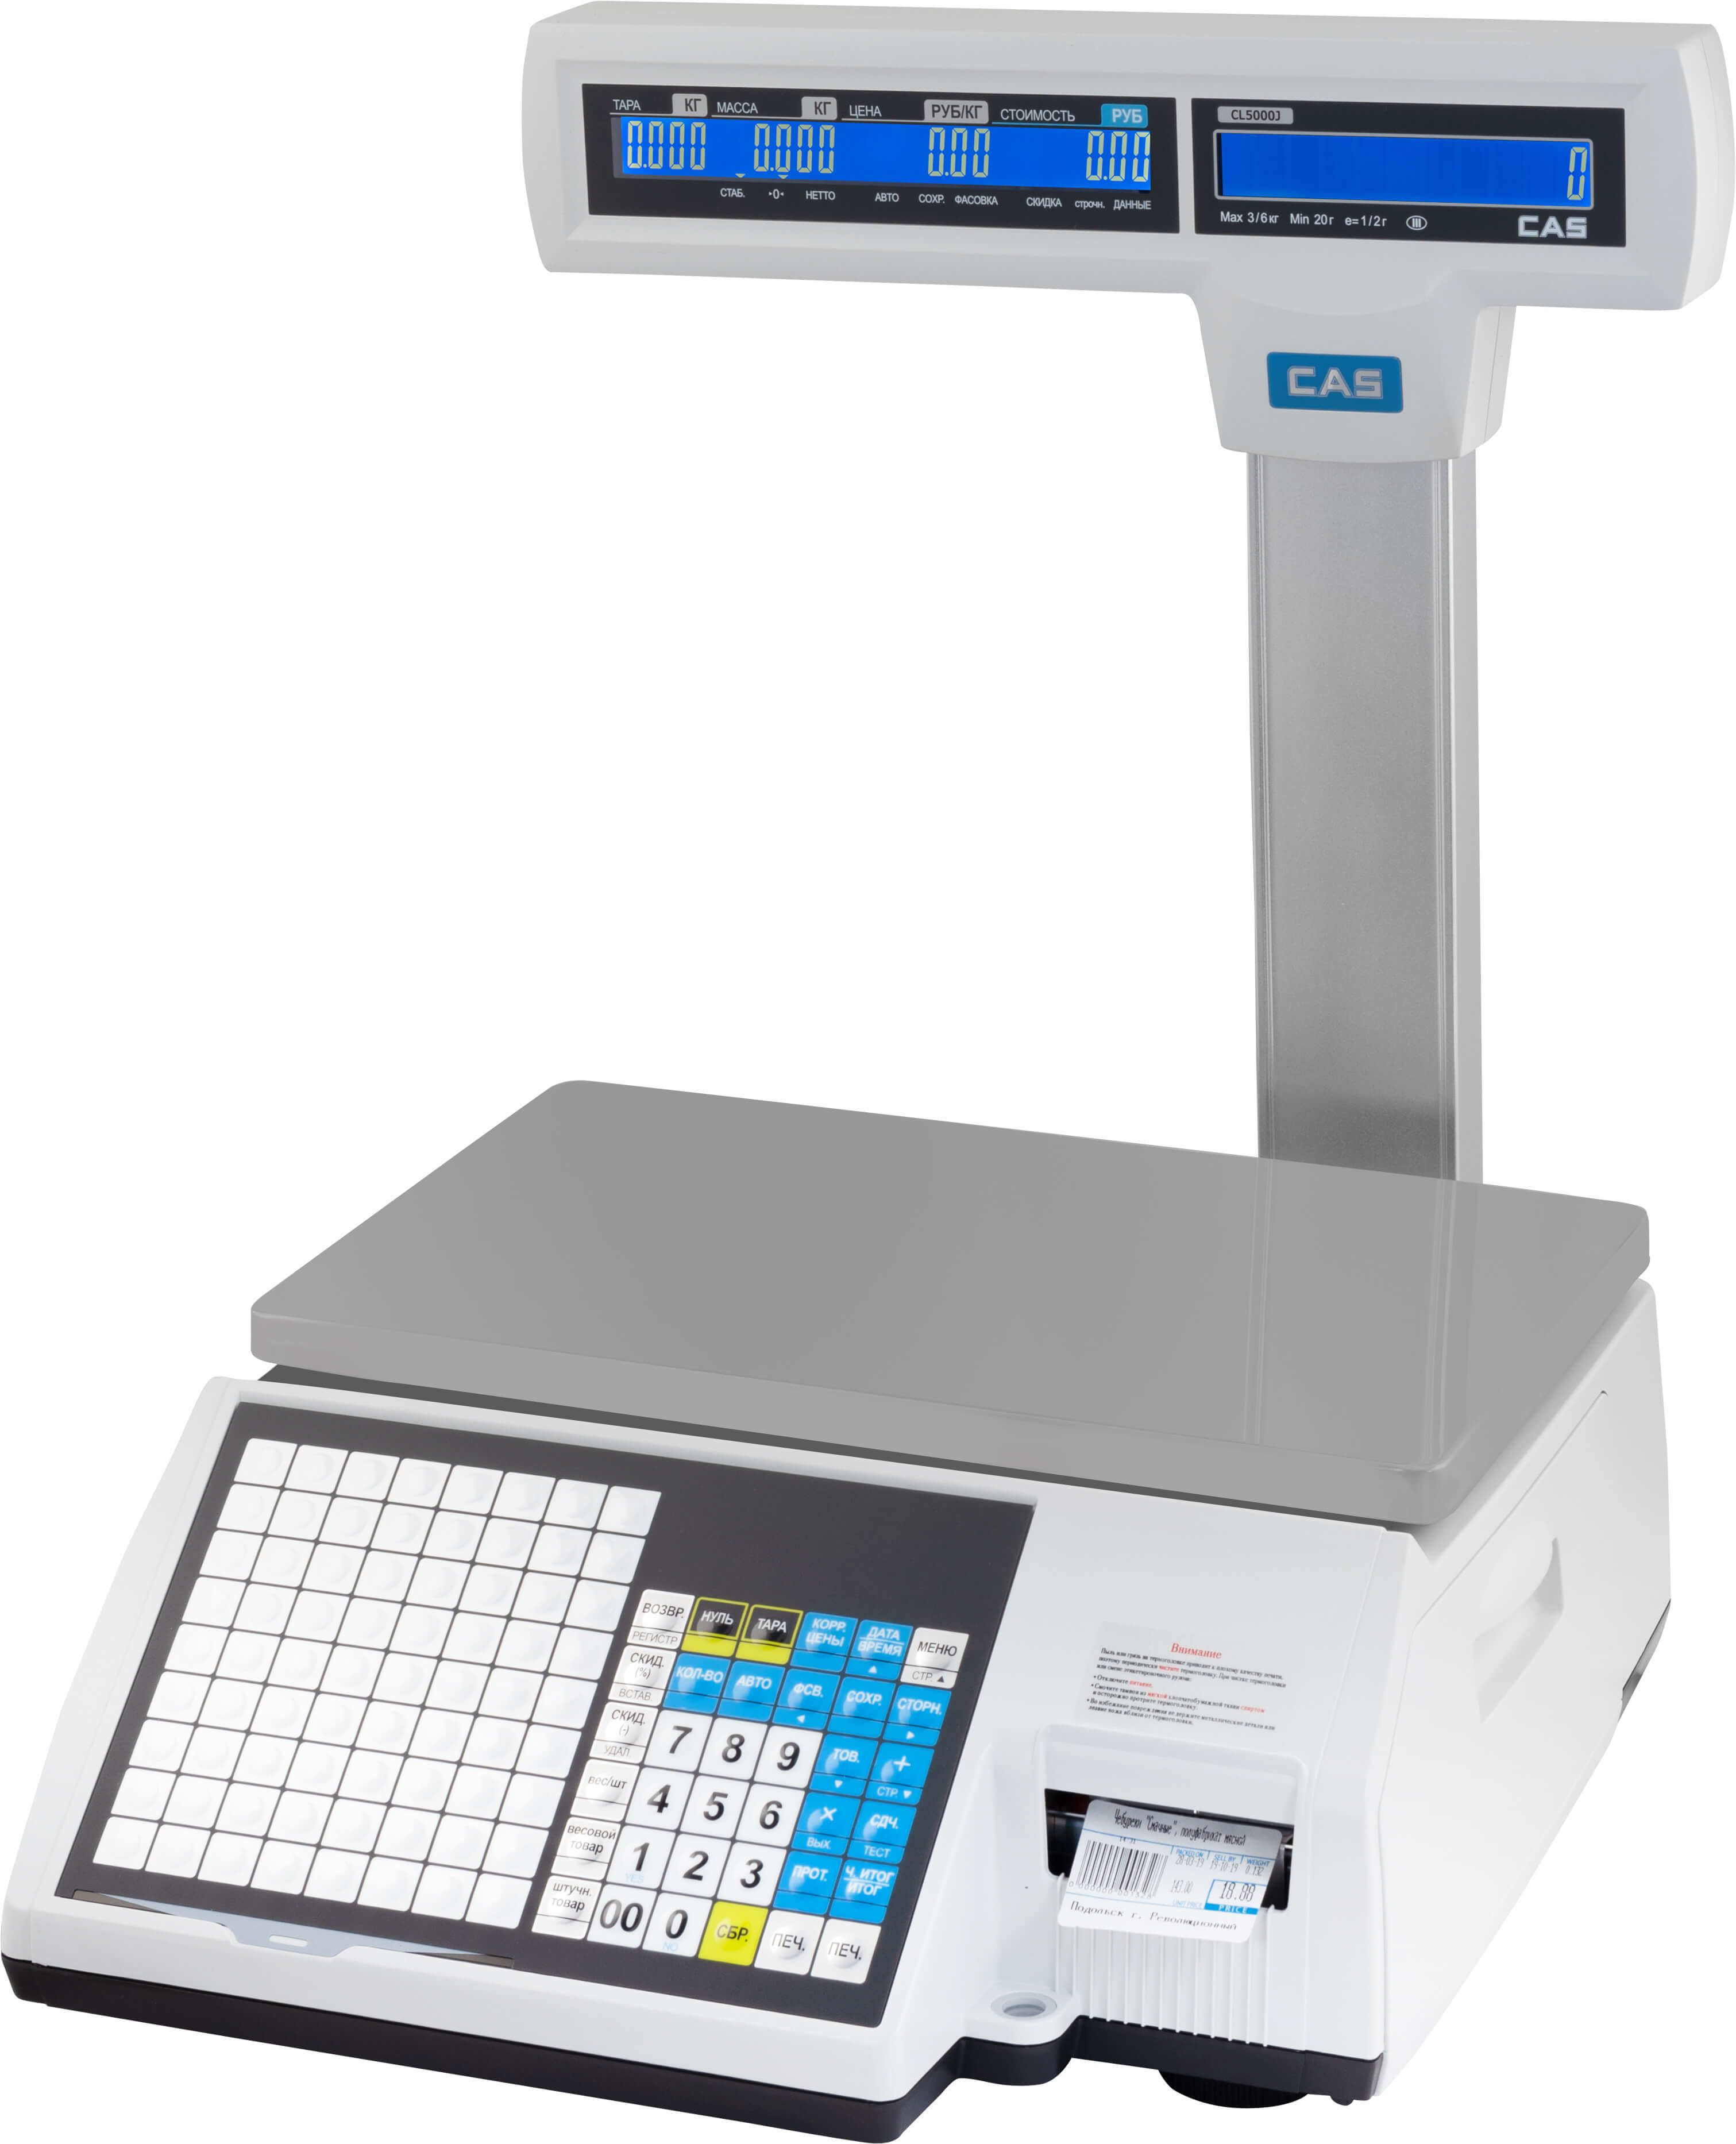 Торговые CAS CL5000J-IP со стойкой и печатью этикеток